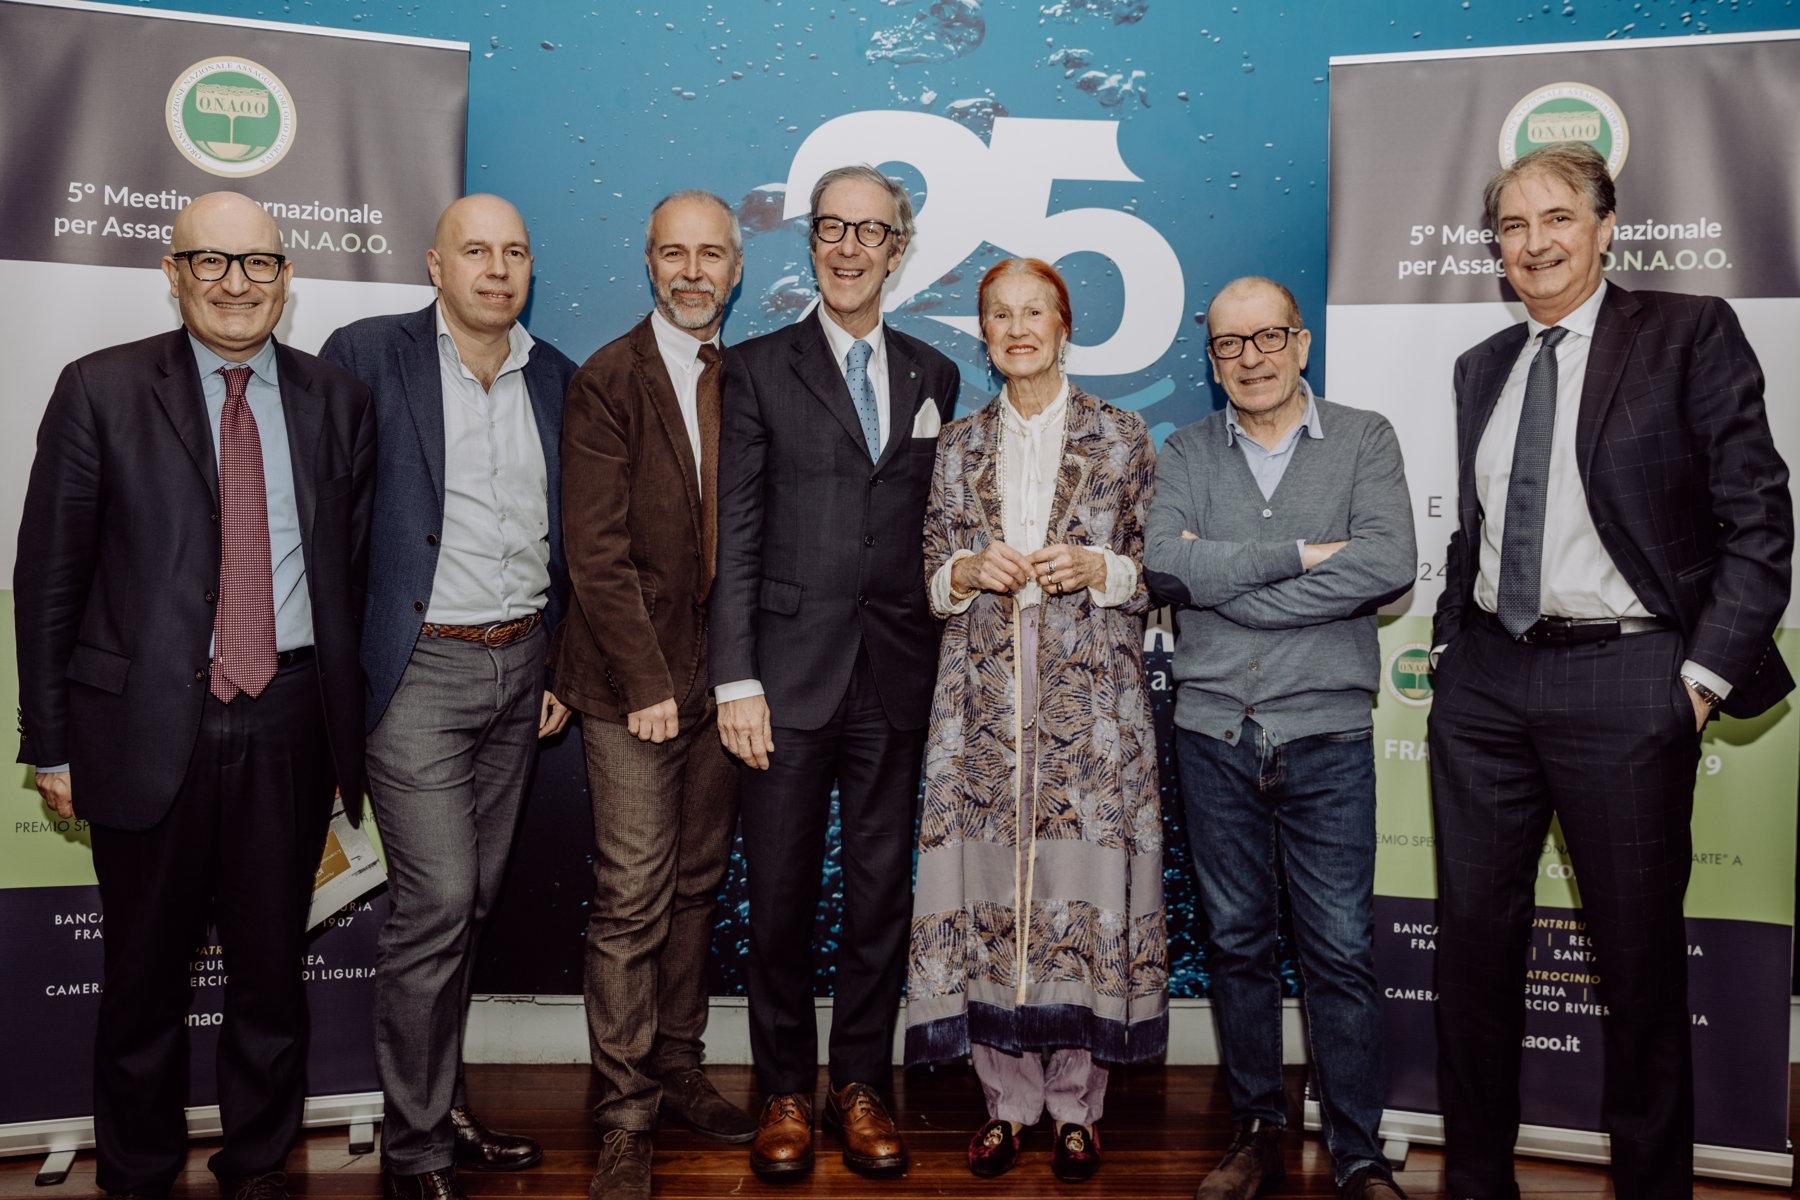 Genova, l'Onaoo rafforza il proprio impegno sul fronte della cultura e della formazione alla quinta edizione del meeting internazionale